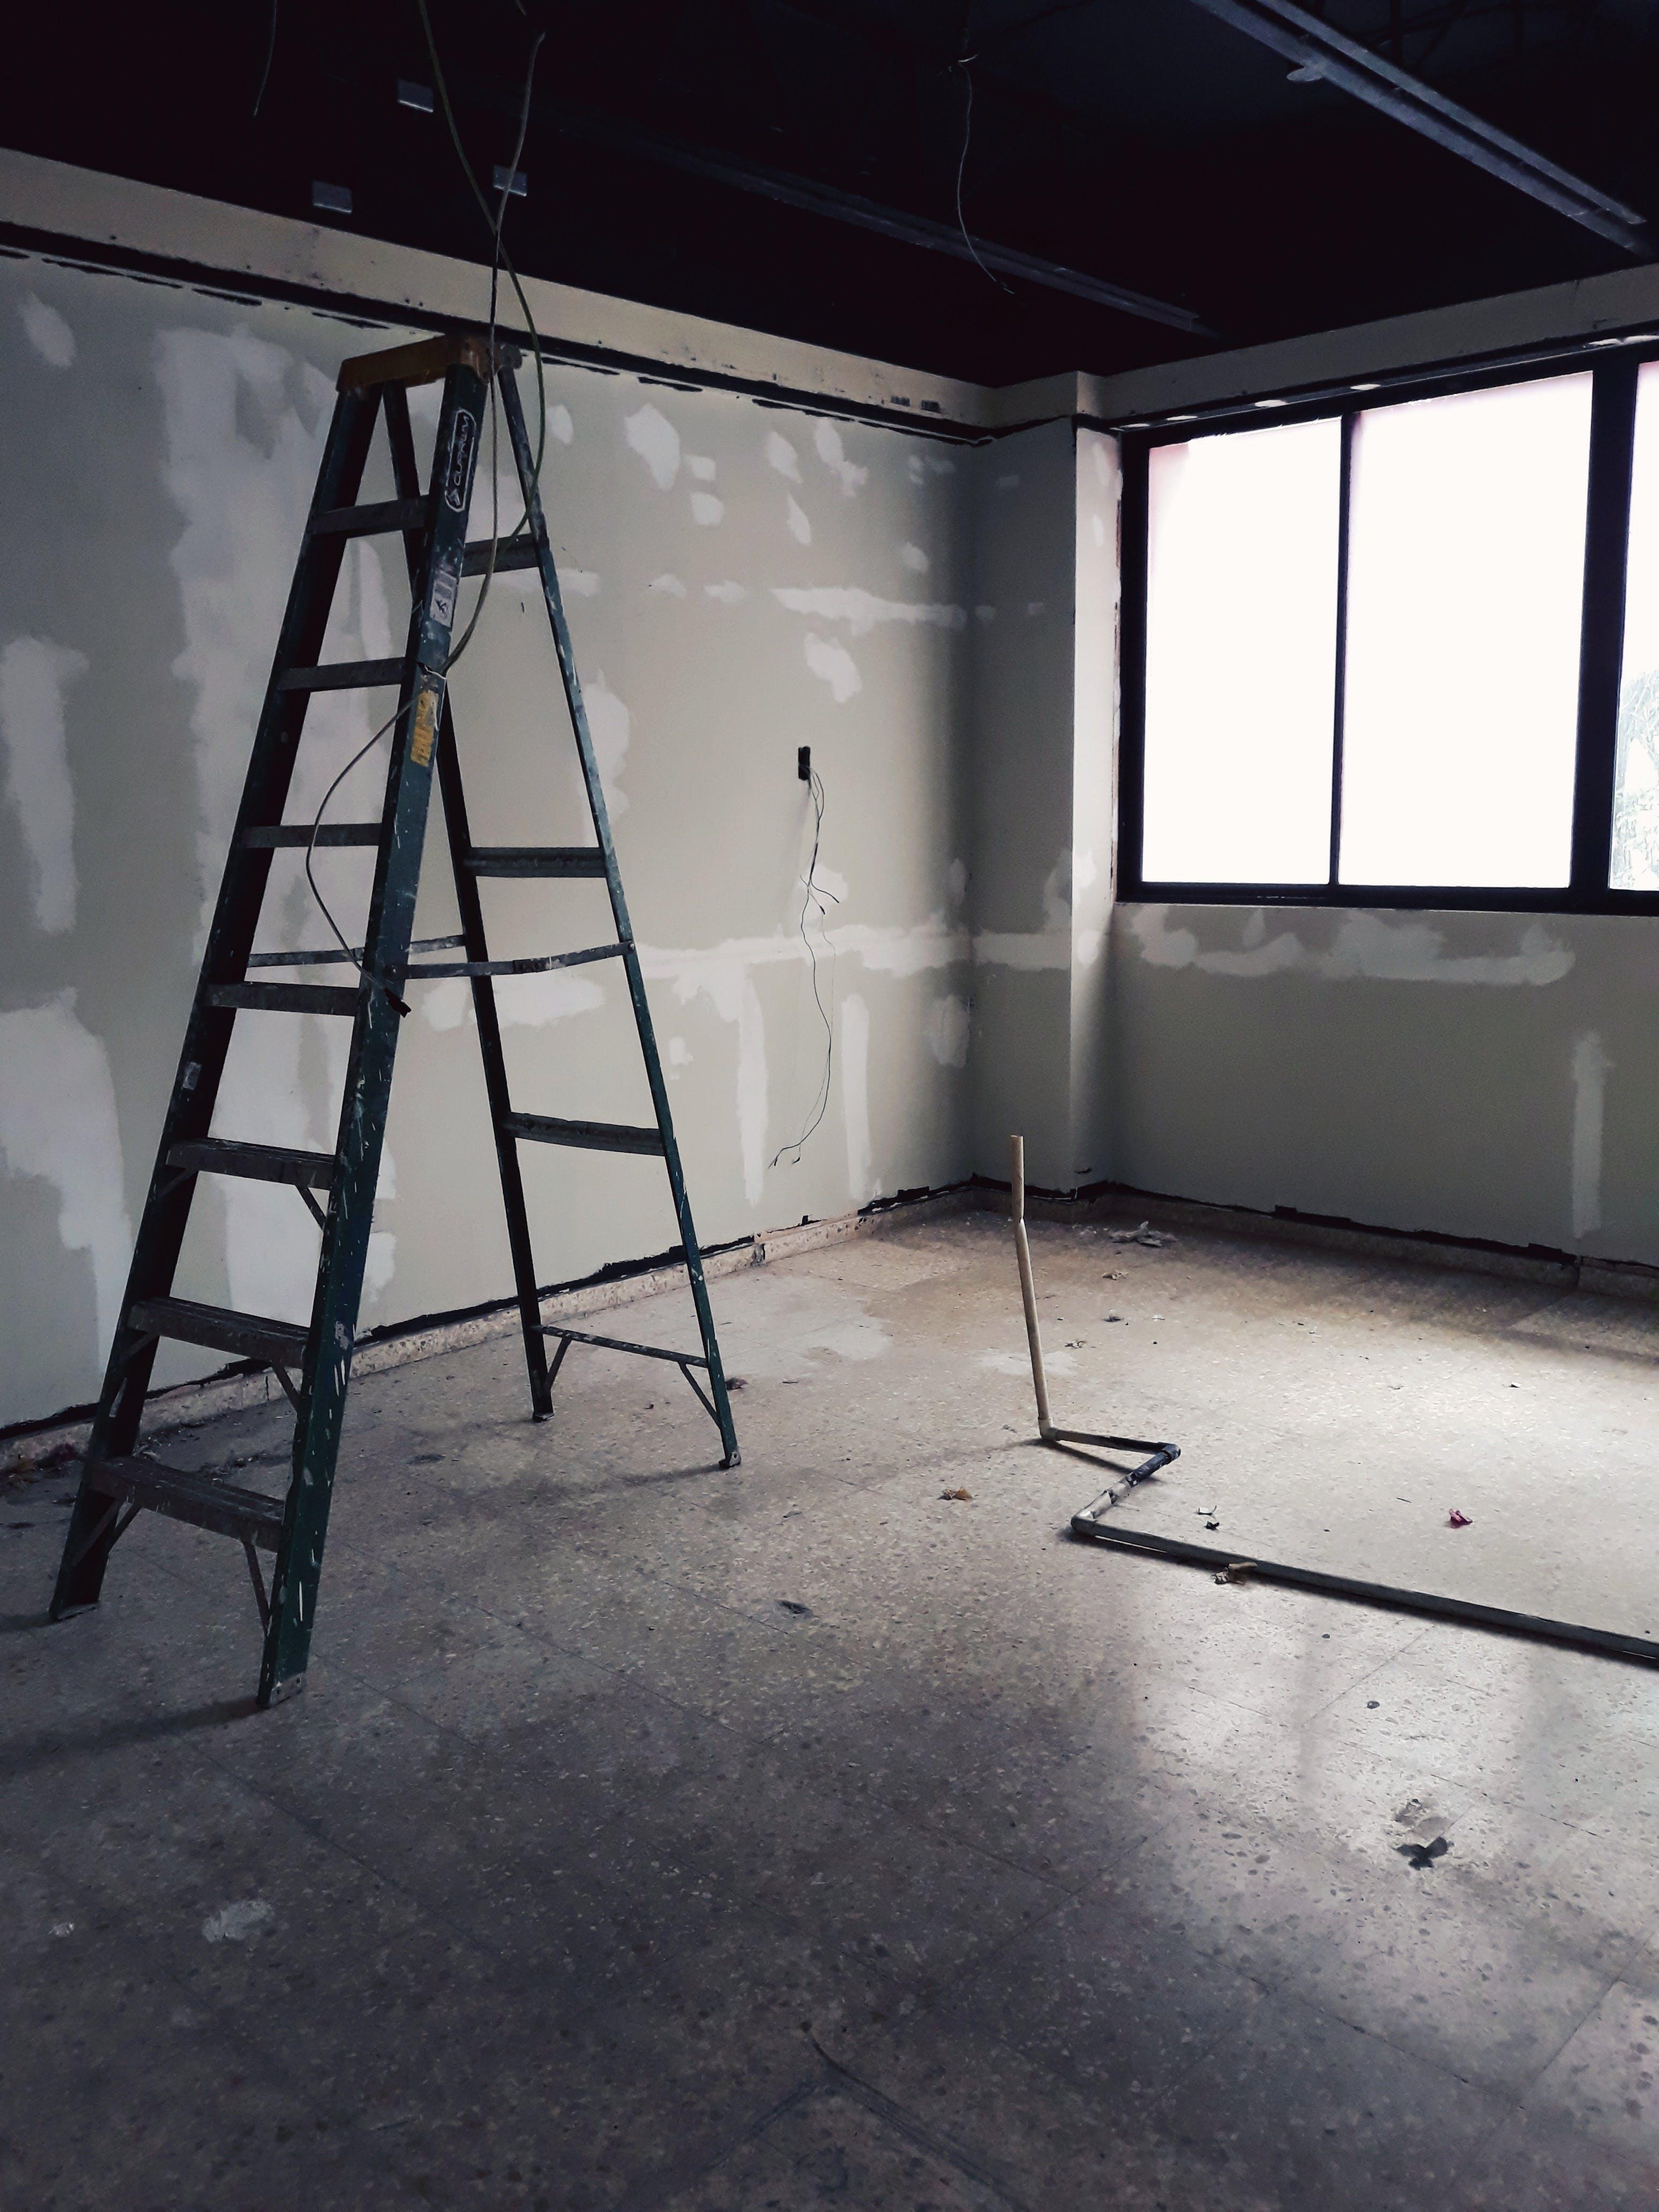 Fotos de stock gratuitas de abandonado, adentro, blanco y negro, dentro